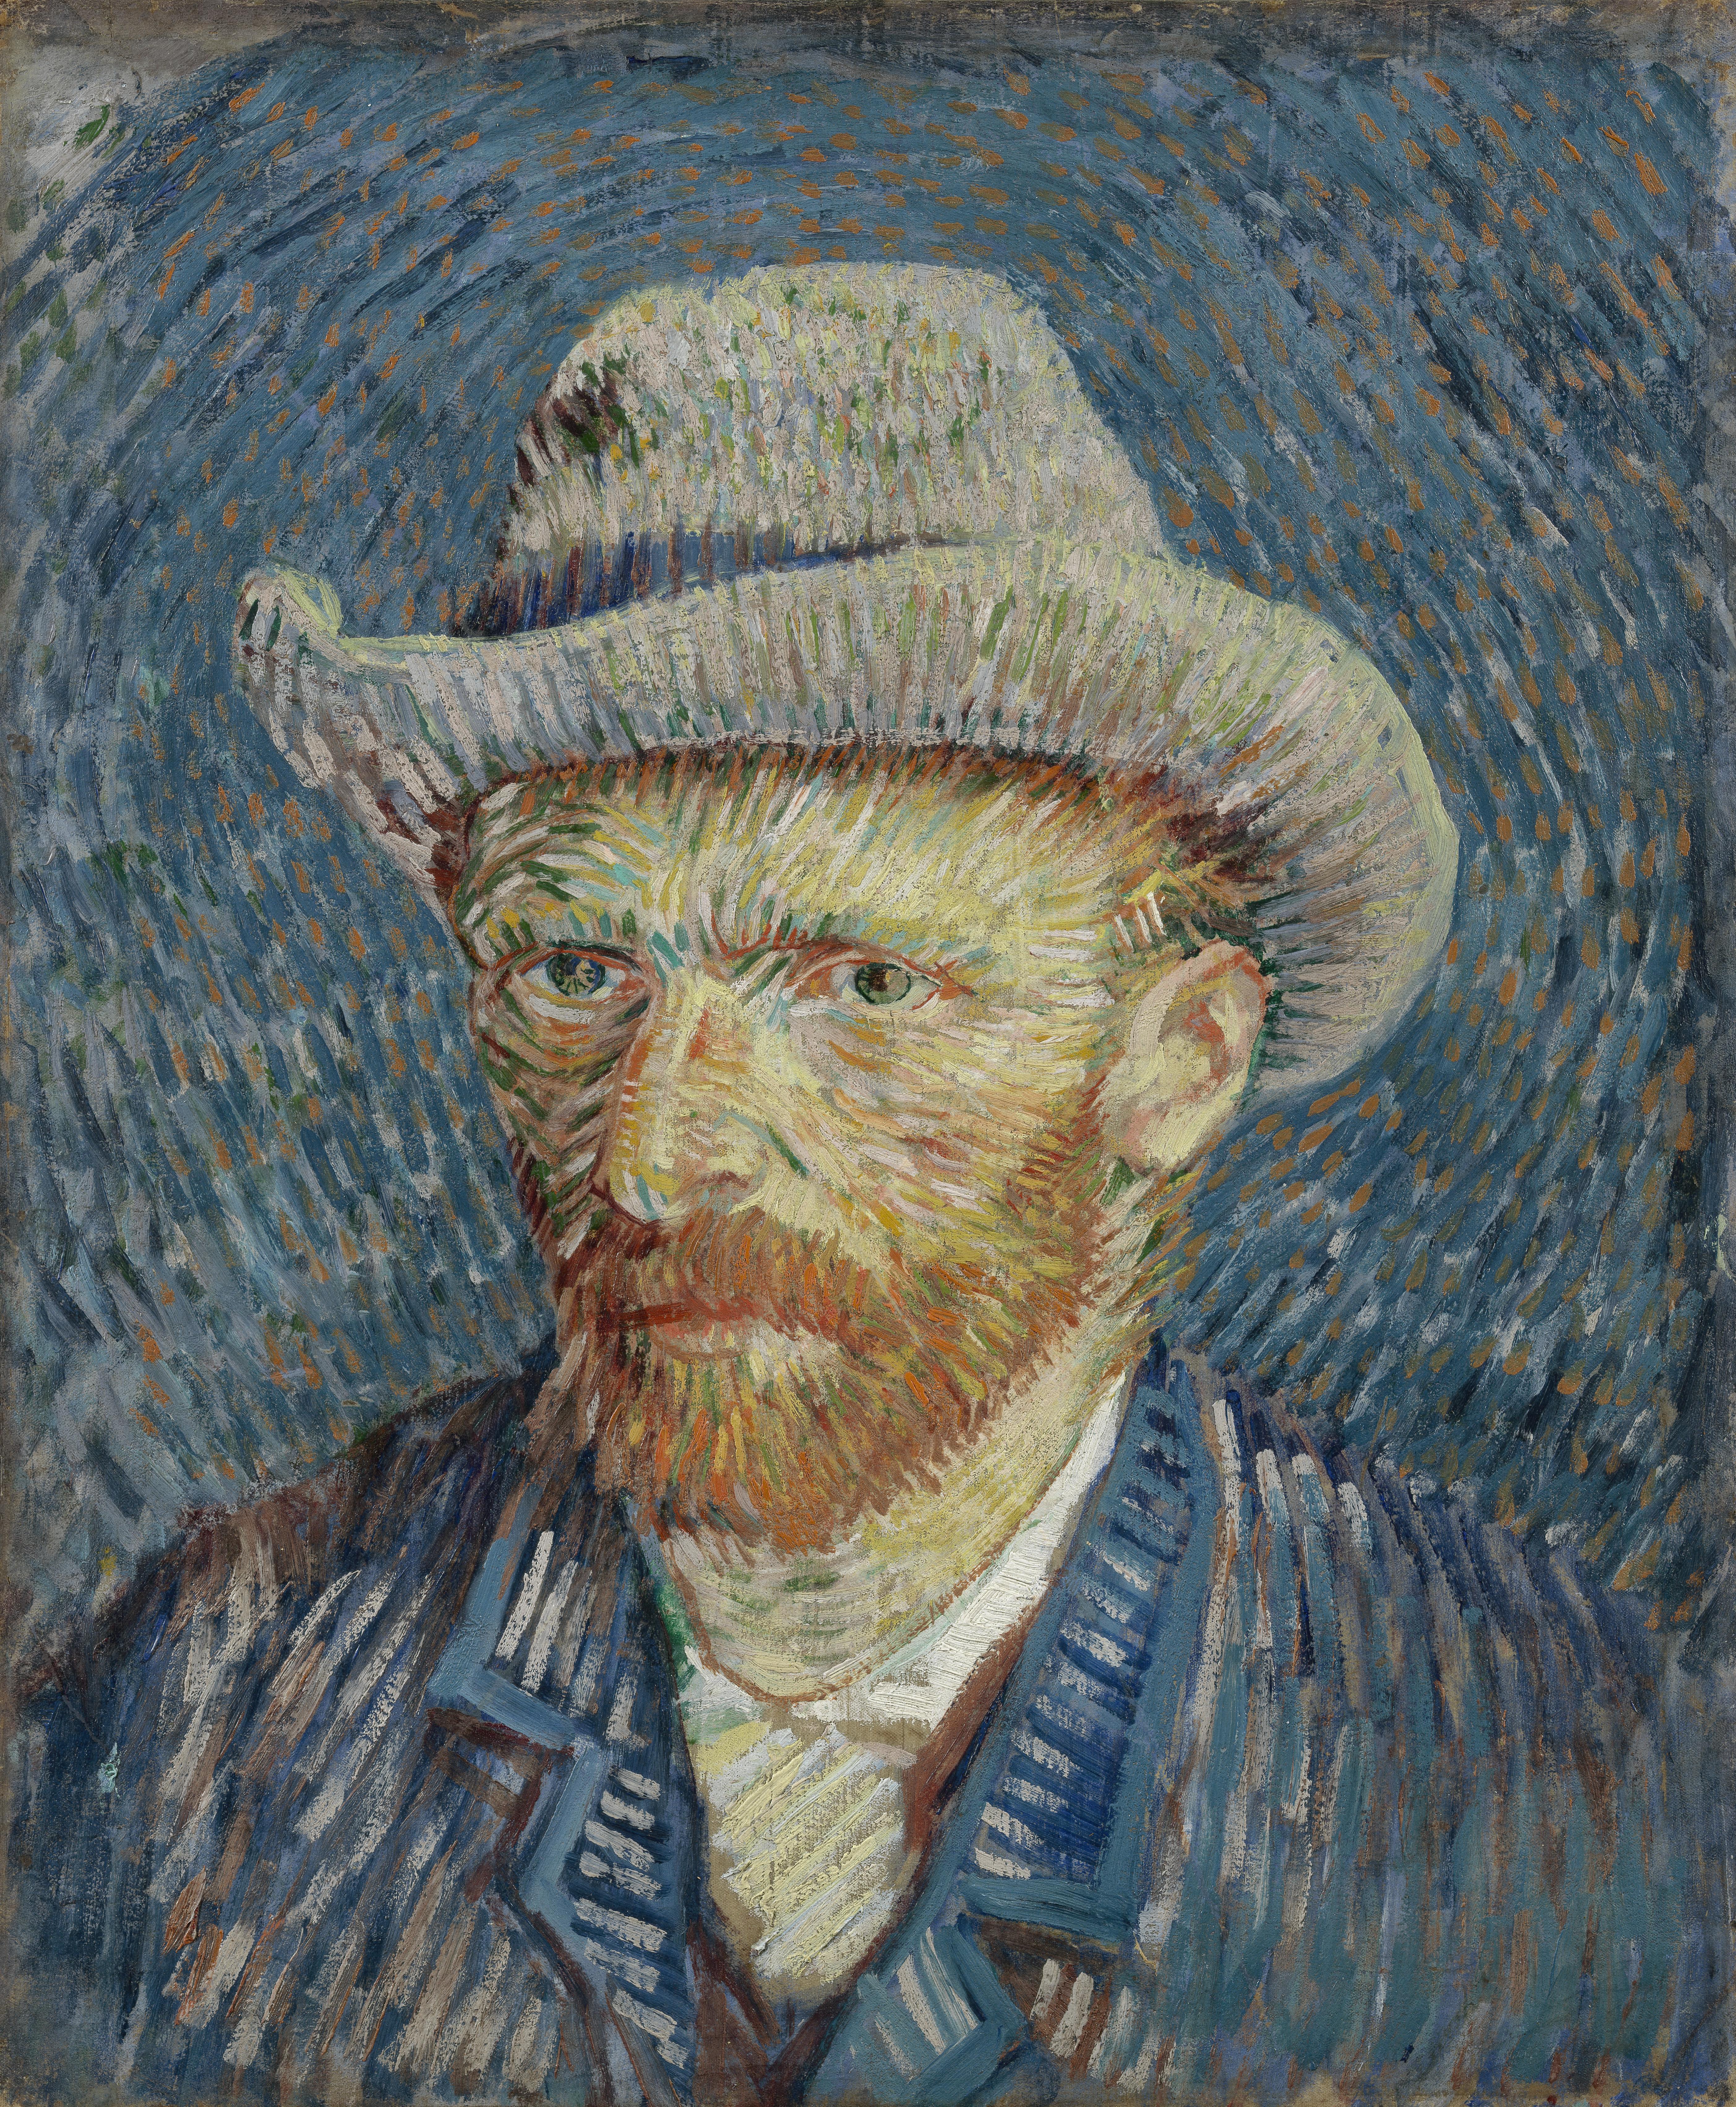 zelfportret van gogh 1887